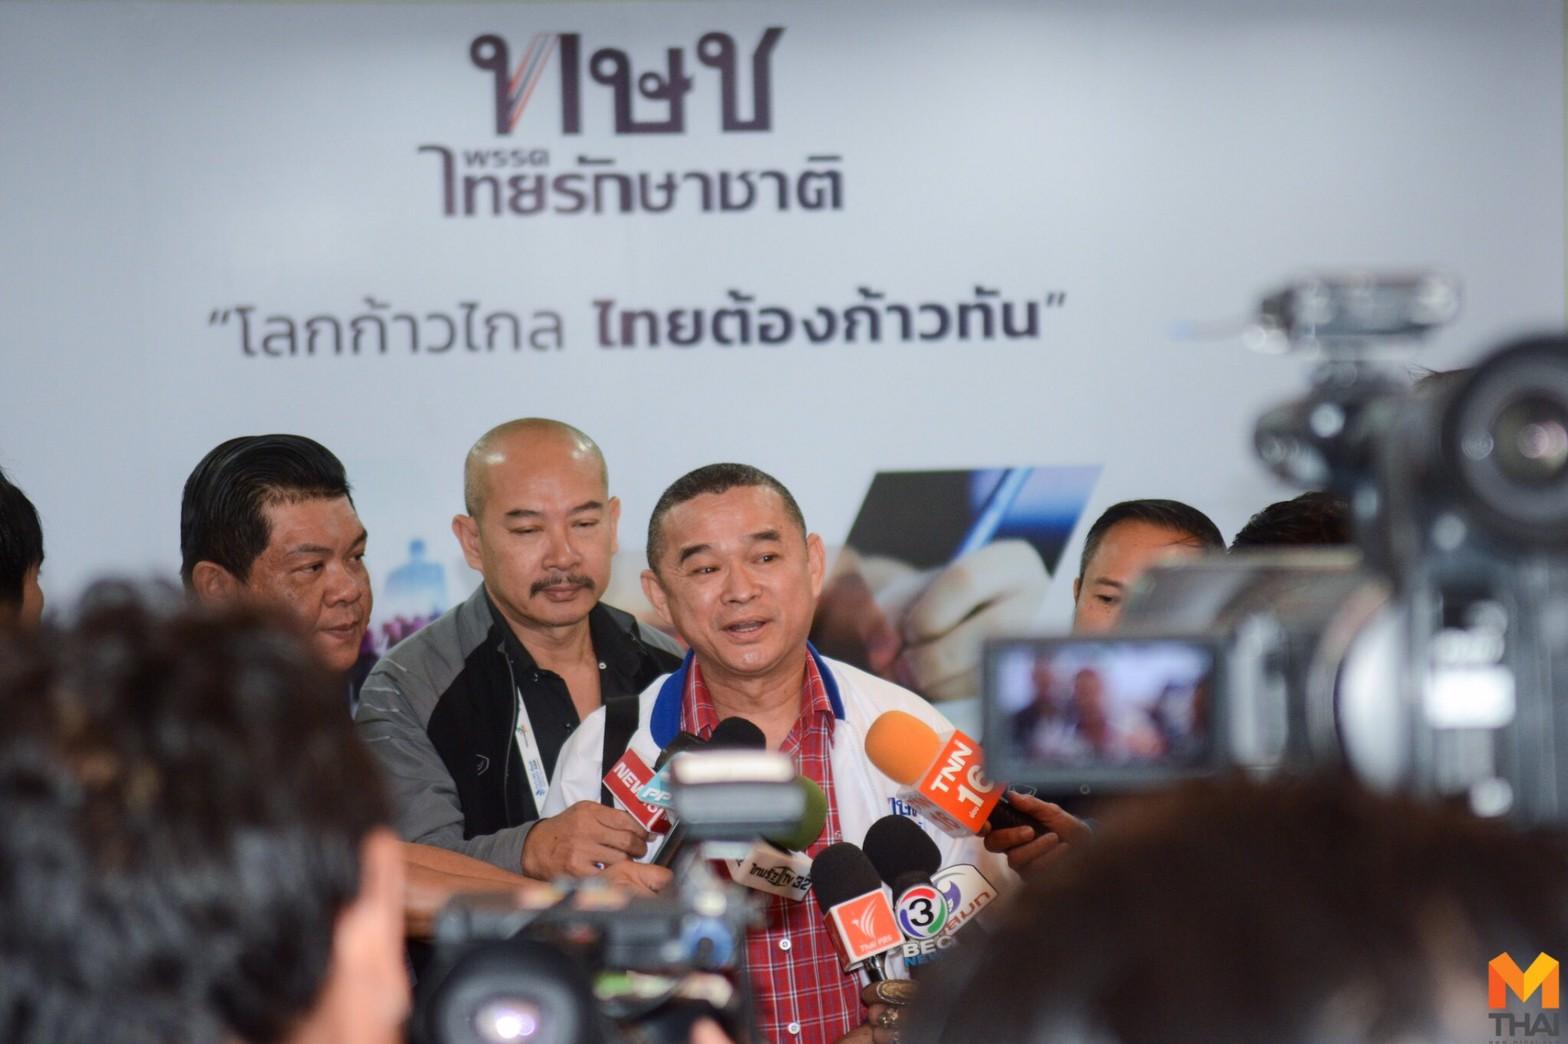 ข่าวสดวันนี้ นายเรืองไกร ลีกิจวัฒนะ พรรคไทยรักษาชาติ ยุบพรรค